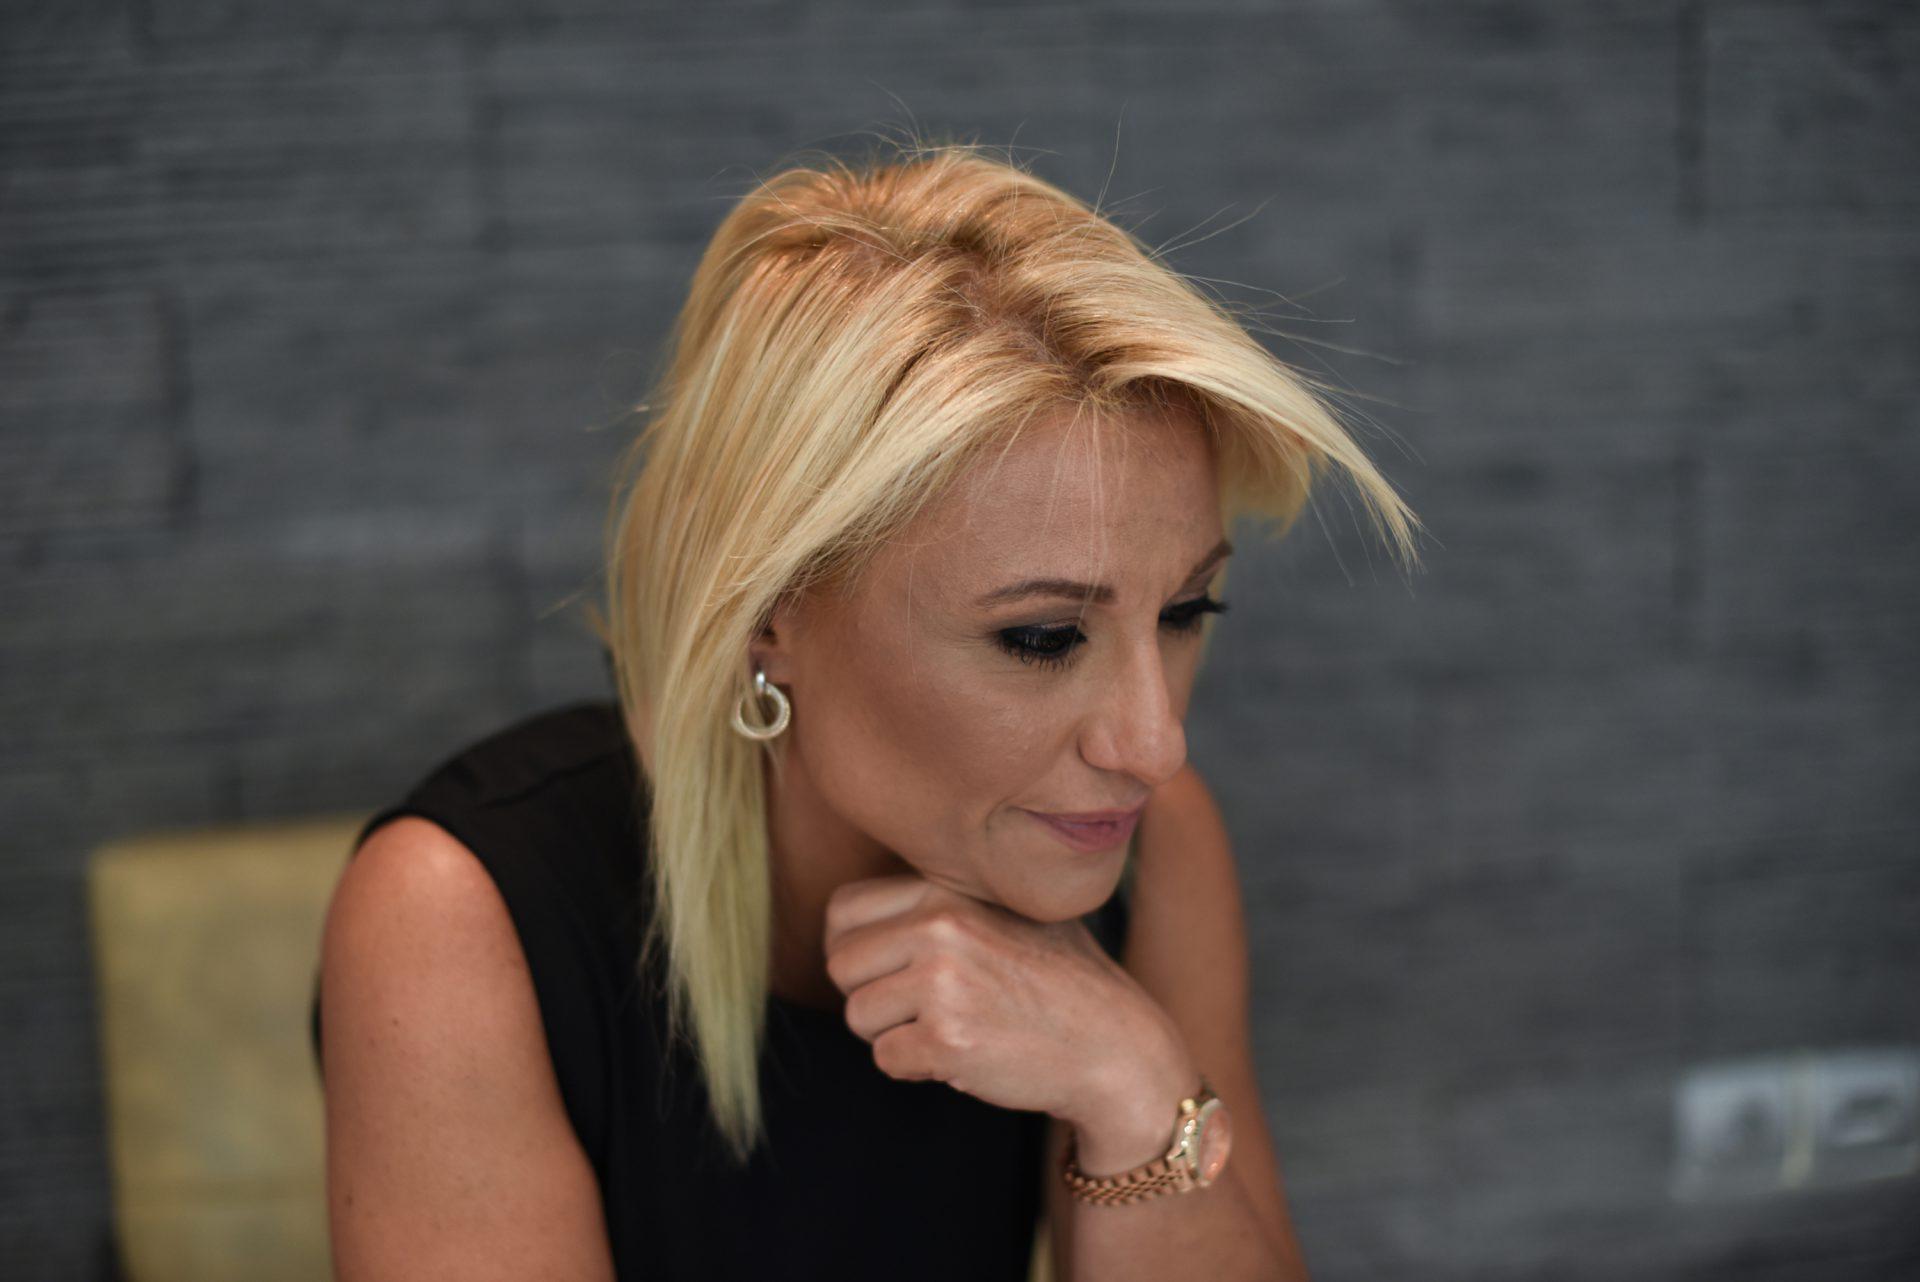 Χριστίνα Μορφύρη, Οδοντίατρος στη Γλυφάδα